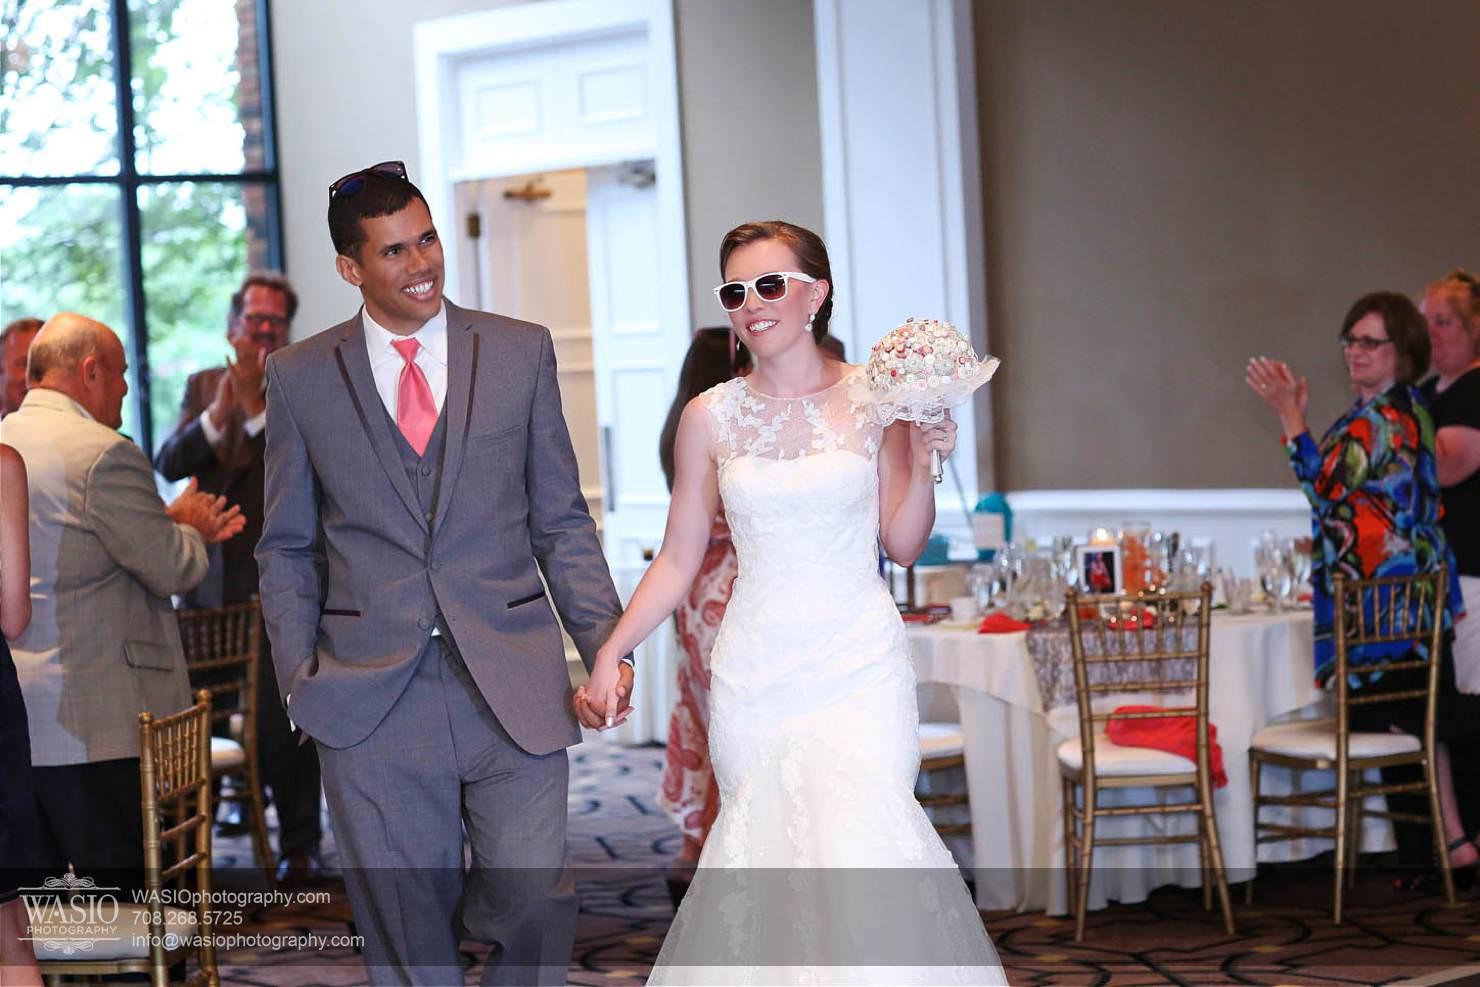 wedding-entry-fun-glasses Chevy Chase Country Club Wedding - Elizabeth & Michael